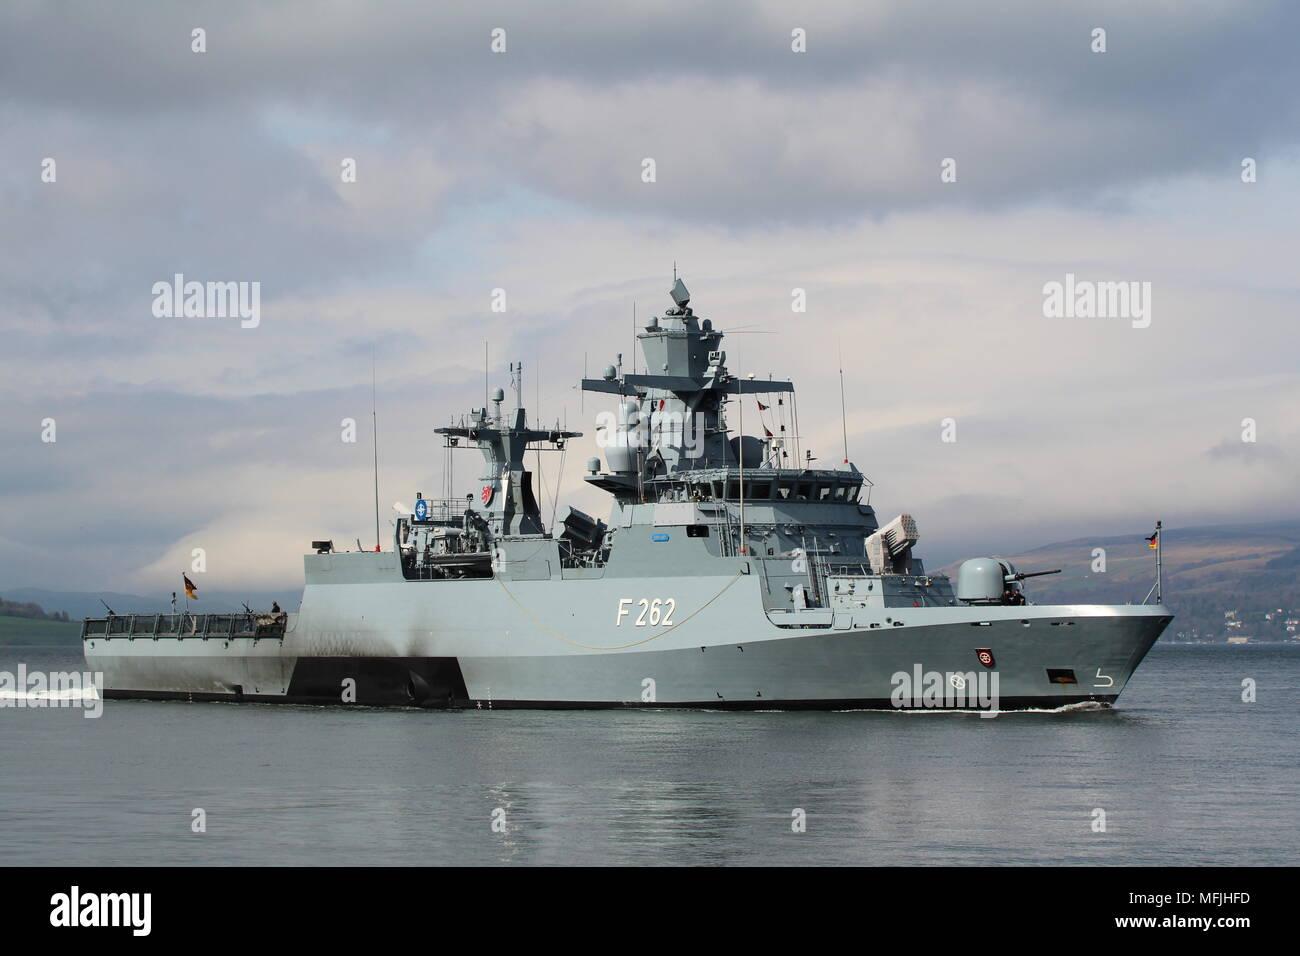 fgs erfurt f 262 braunschweig klasse oder k130 klasse corvette durch die deutsche marine. Black Bedroom Furniture Sets. Home Design Ideas